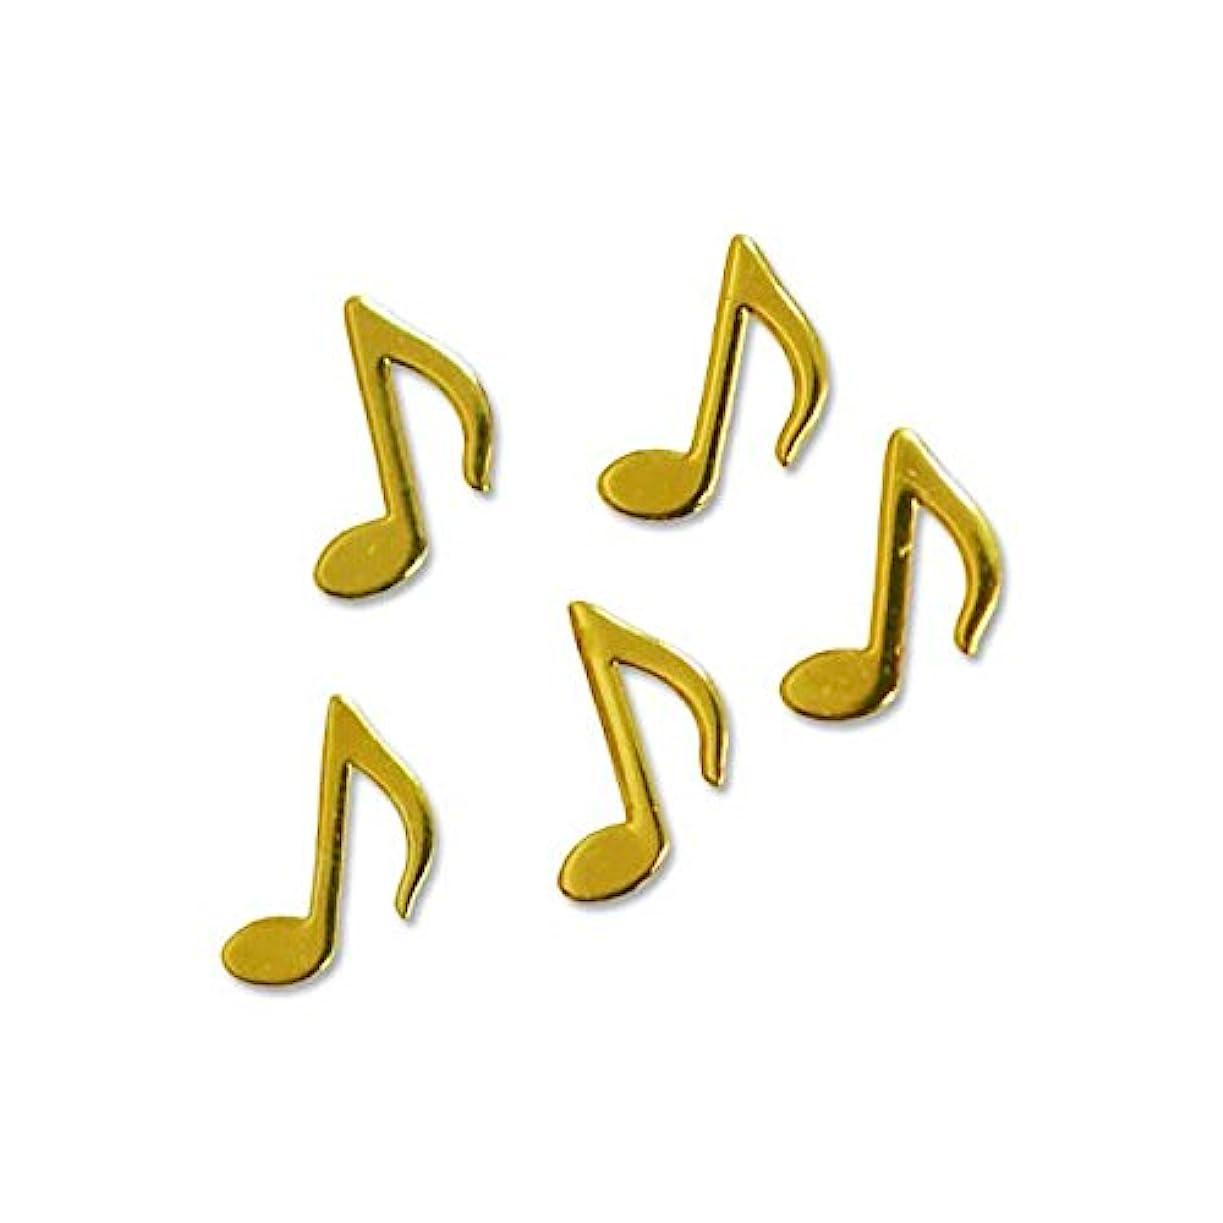 薄型メタルパーツ10025ミュージック 音符 おたまじゃくし4mm×5mm(ゴールド)/20p入り